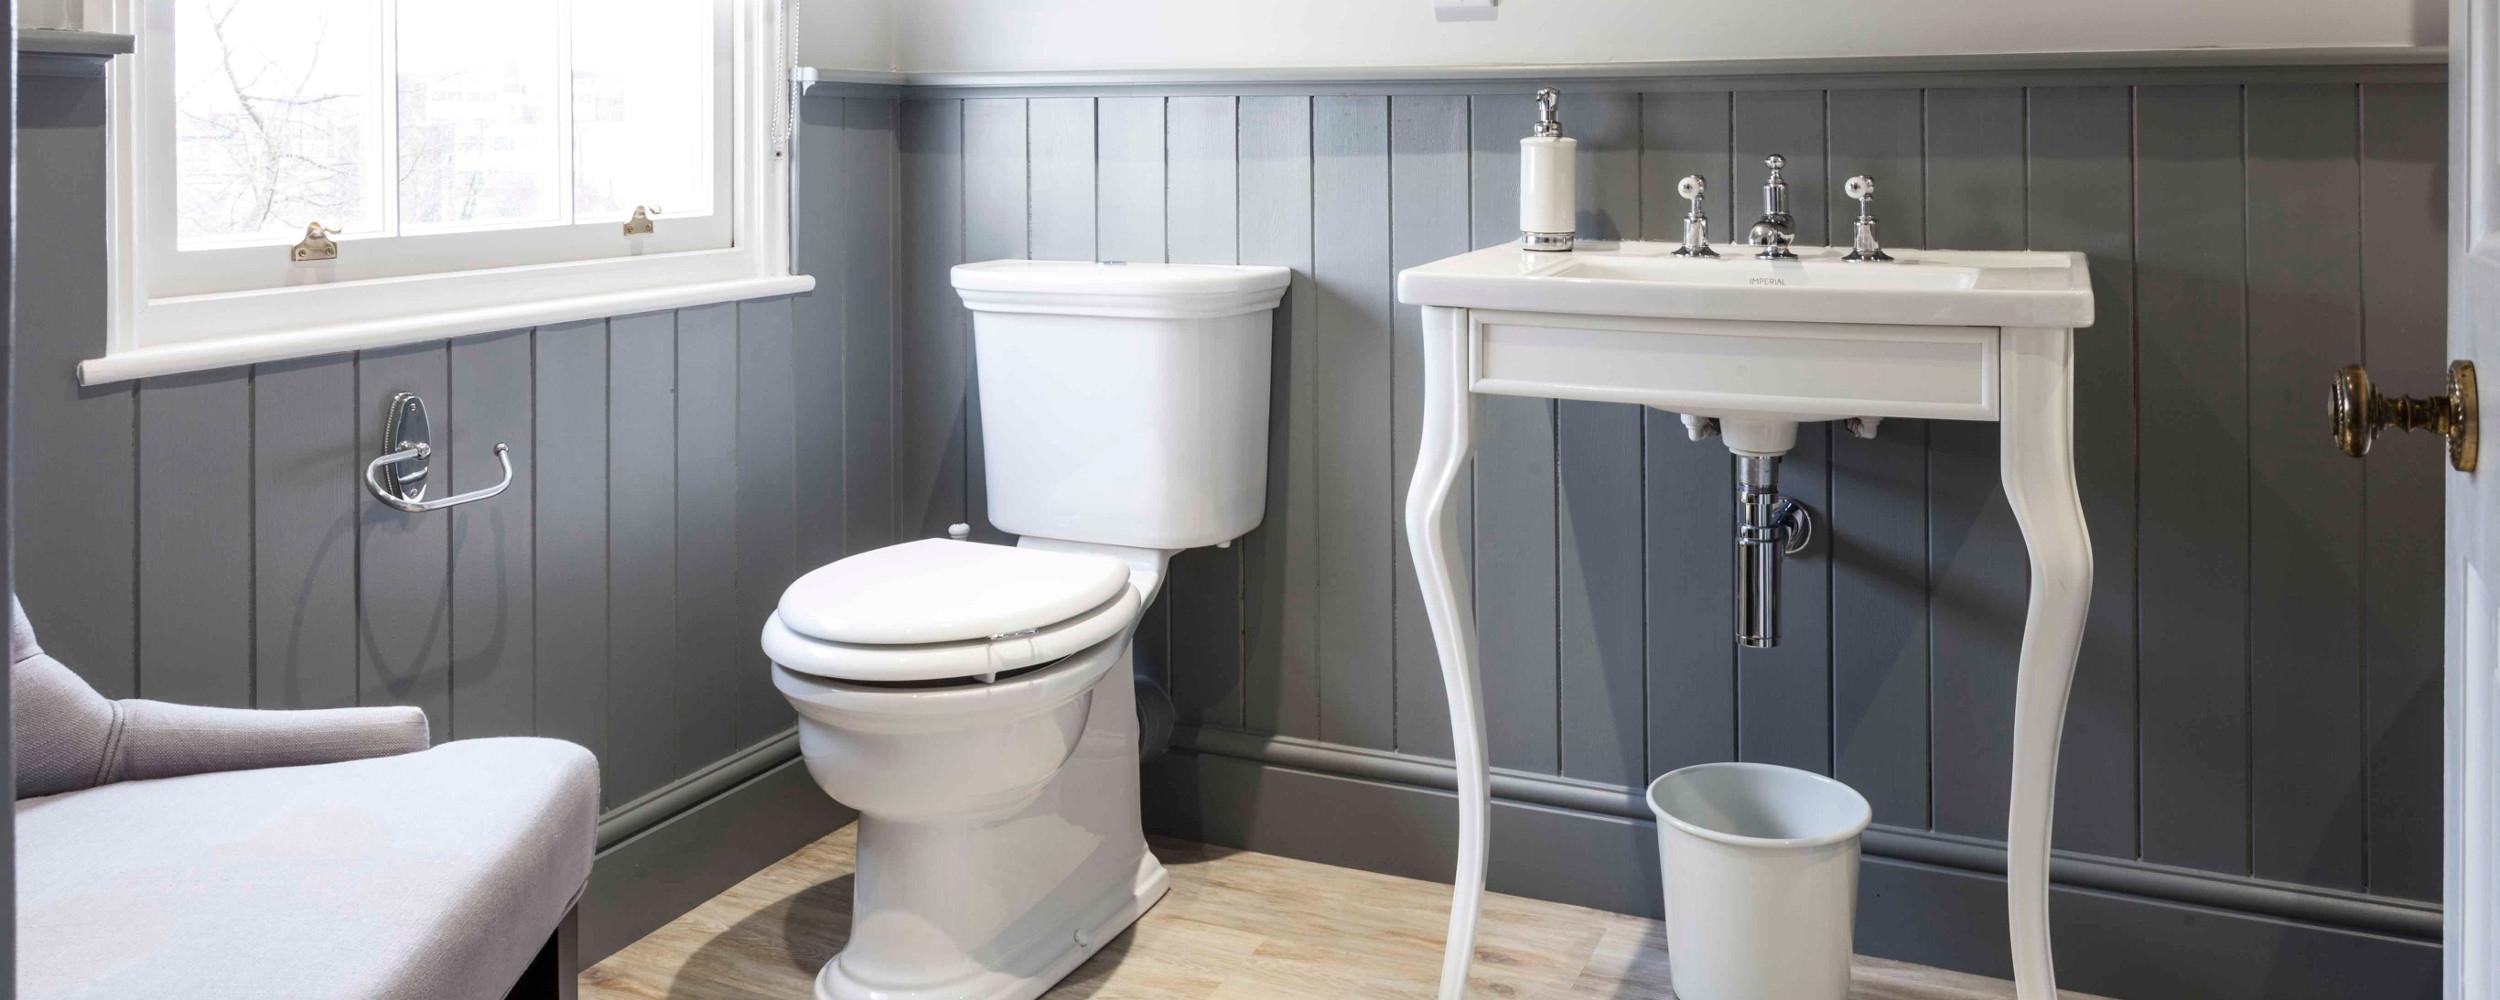 imperial traditional bathroom scotland bathrooms a44 bathrooms